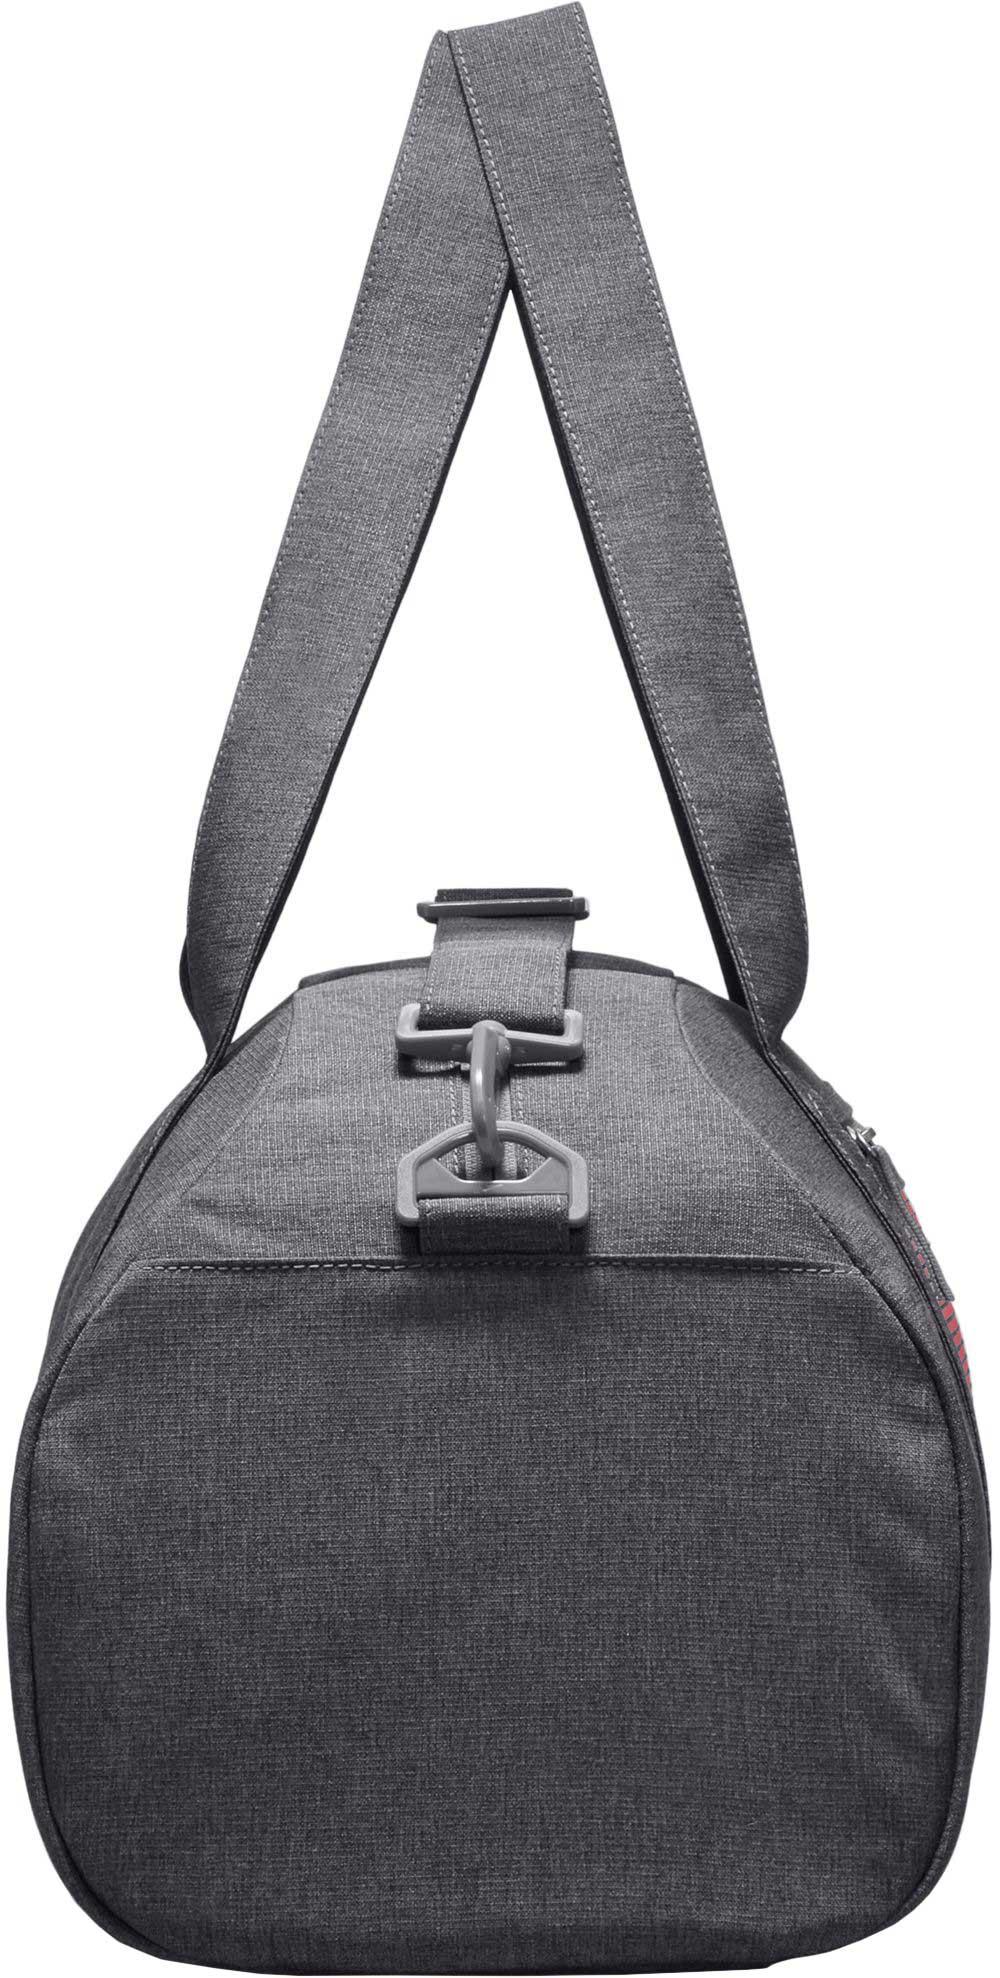 00d95f6e2a Dámska športová taška